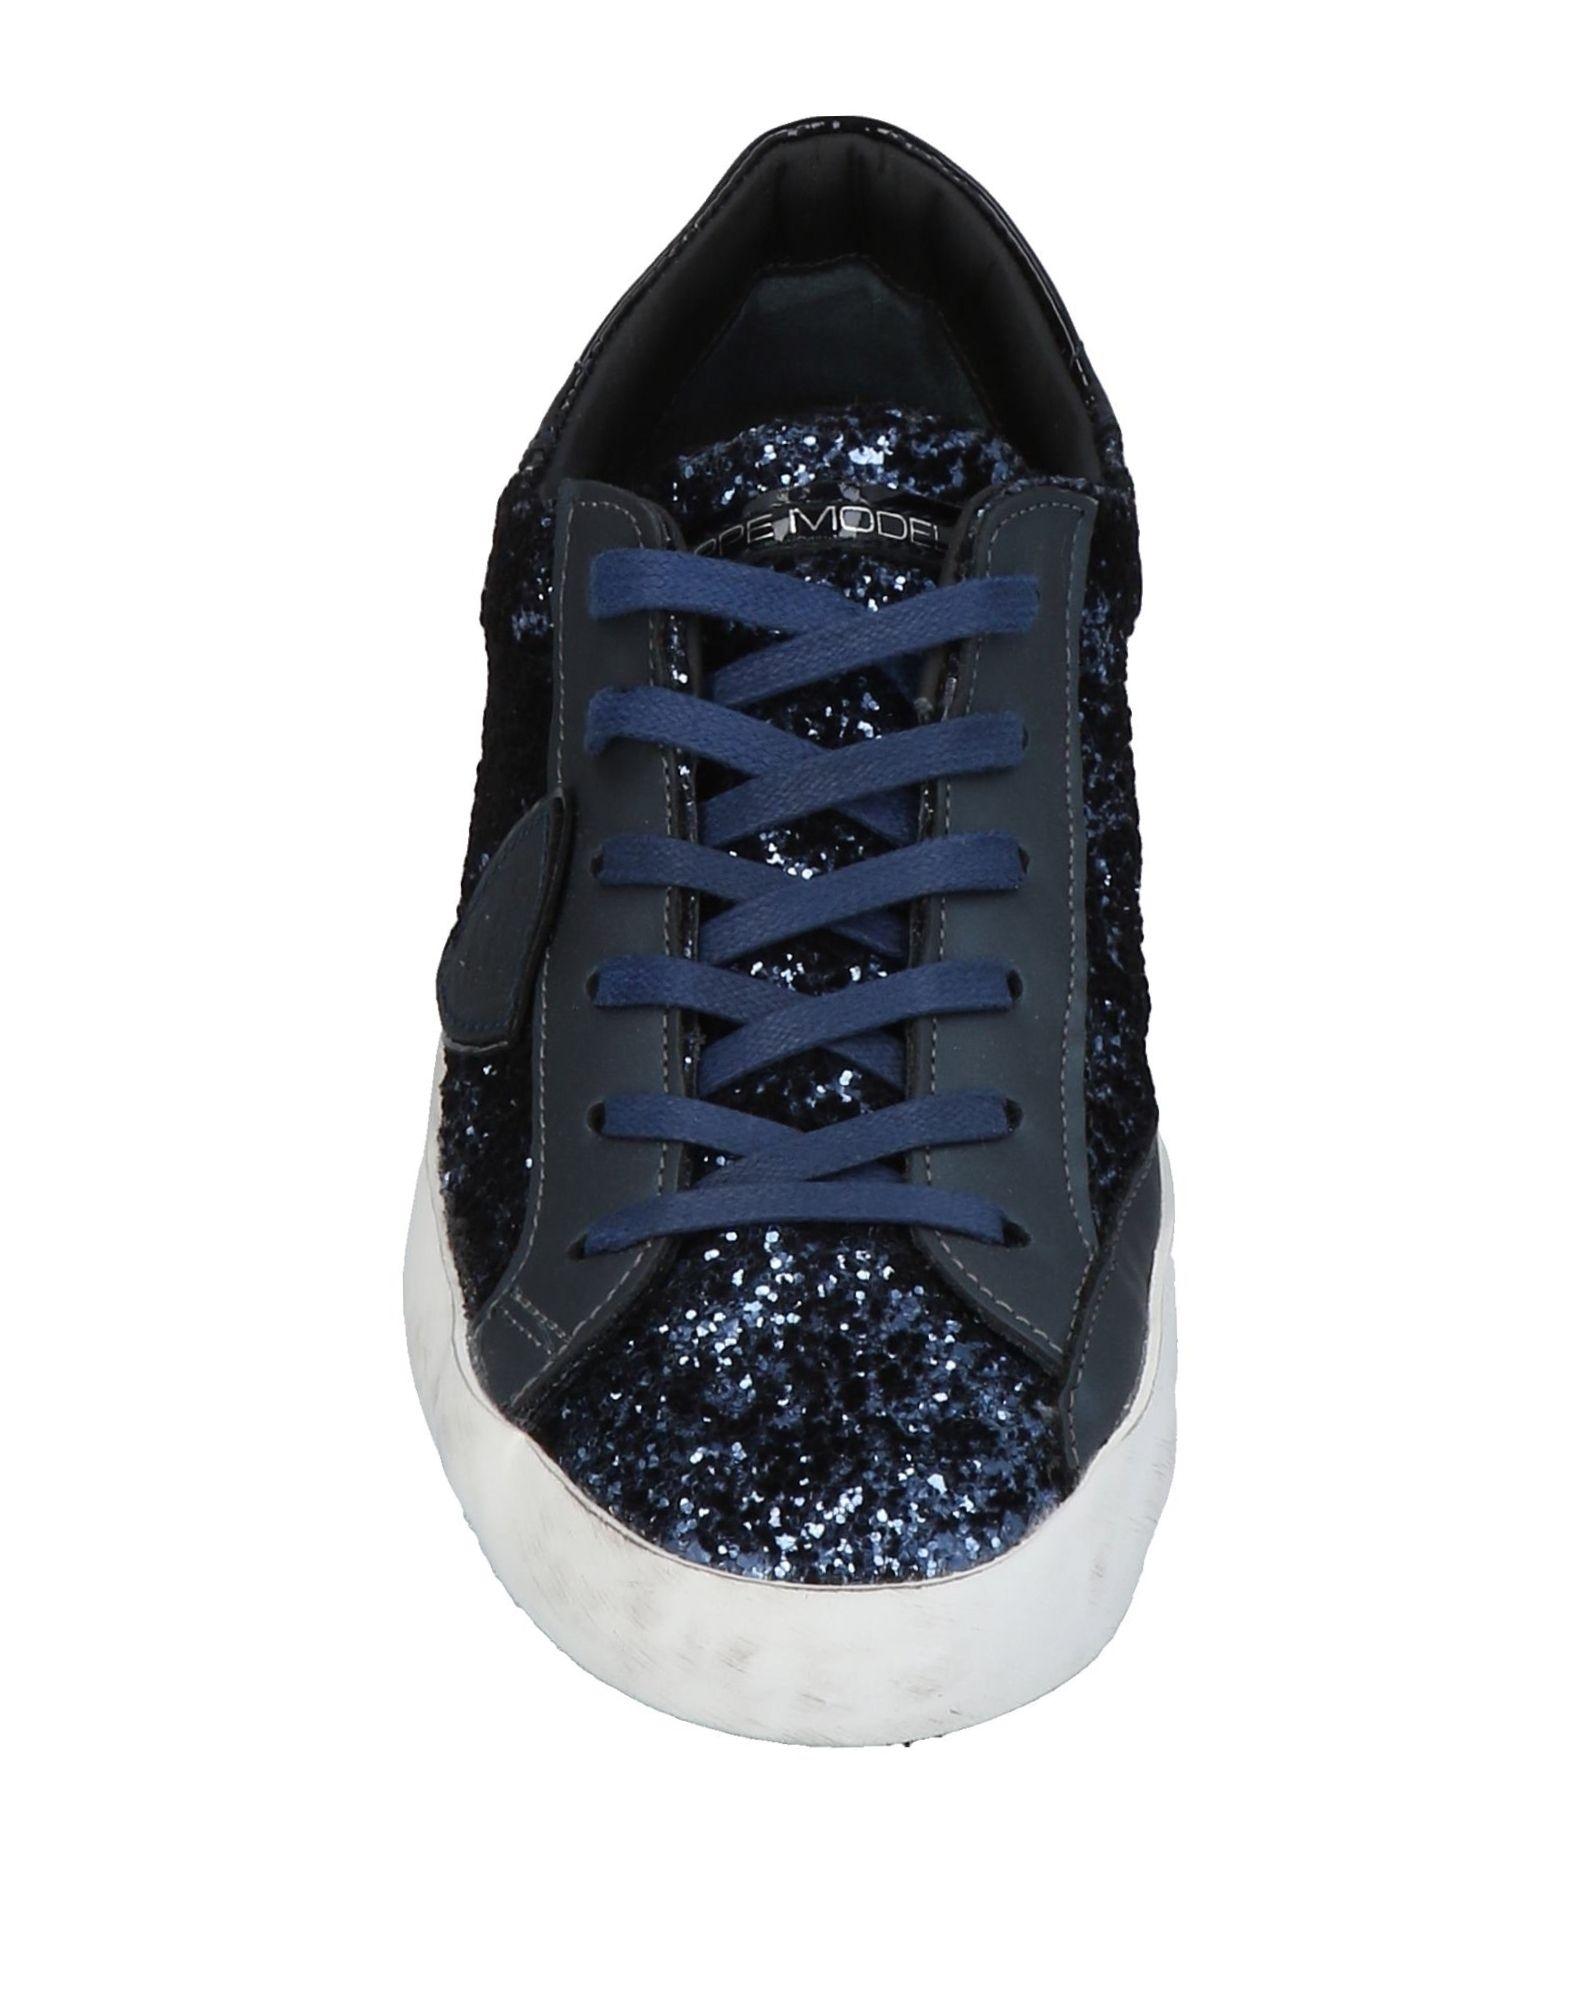 Philippe Model Sneakers - Women Women Women Philippe Model Sneakers online on  United Kingdom - 11452513IE 7fc813